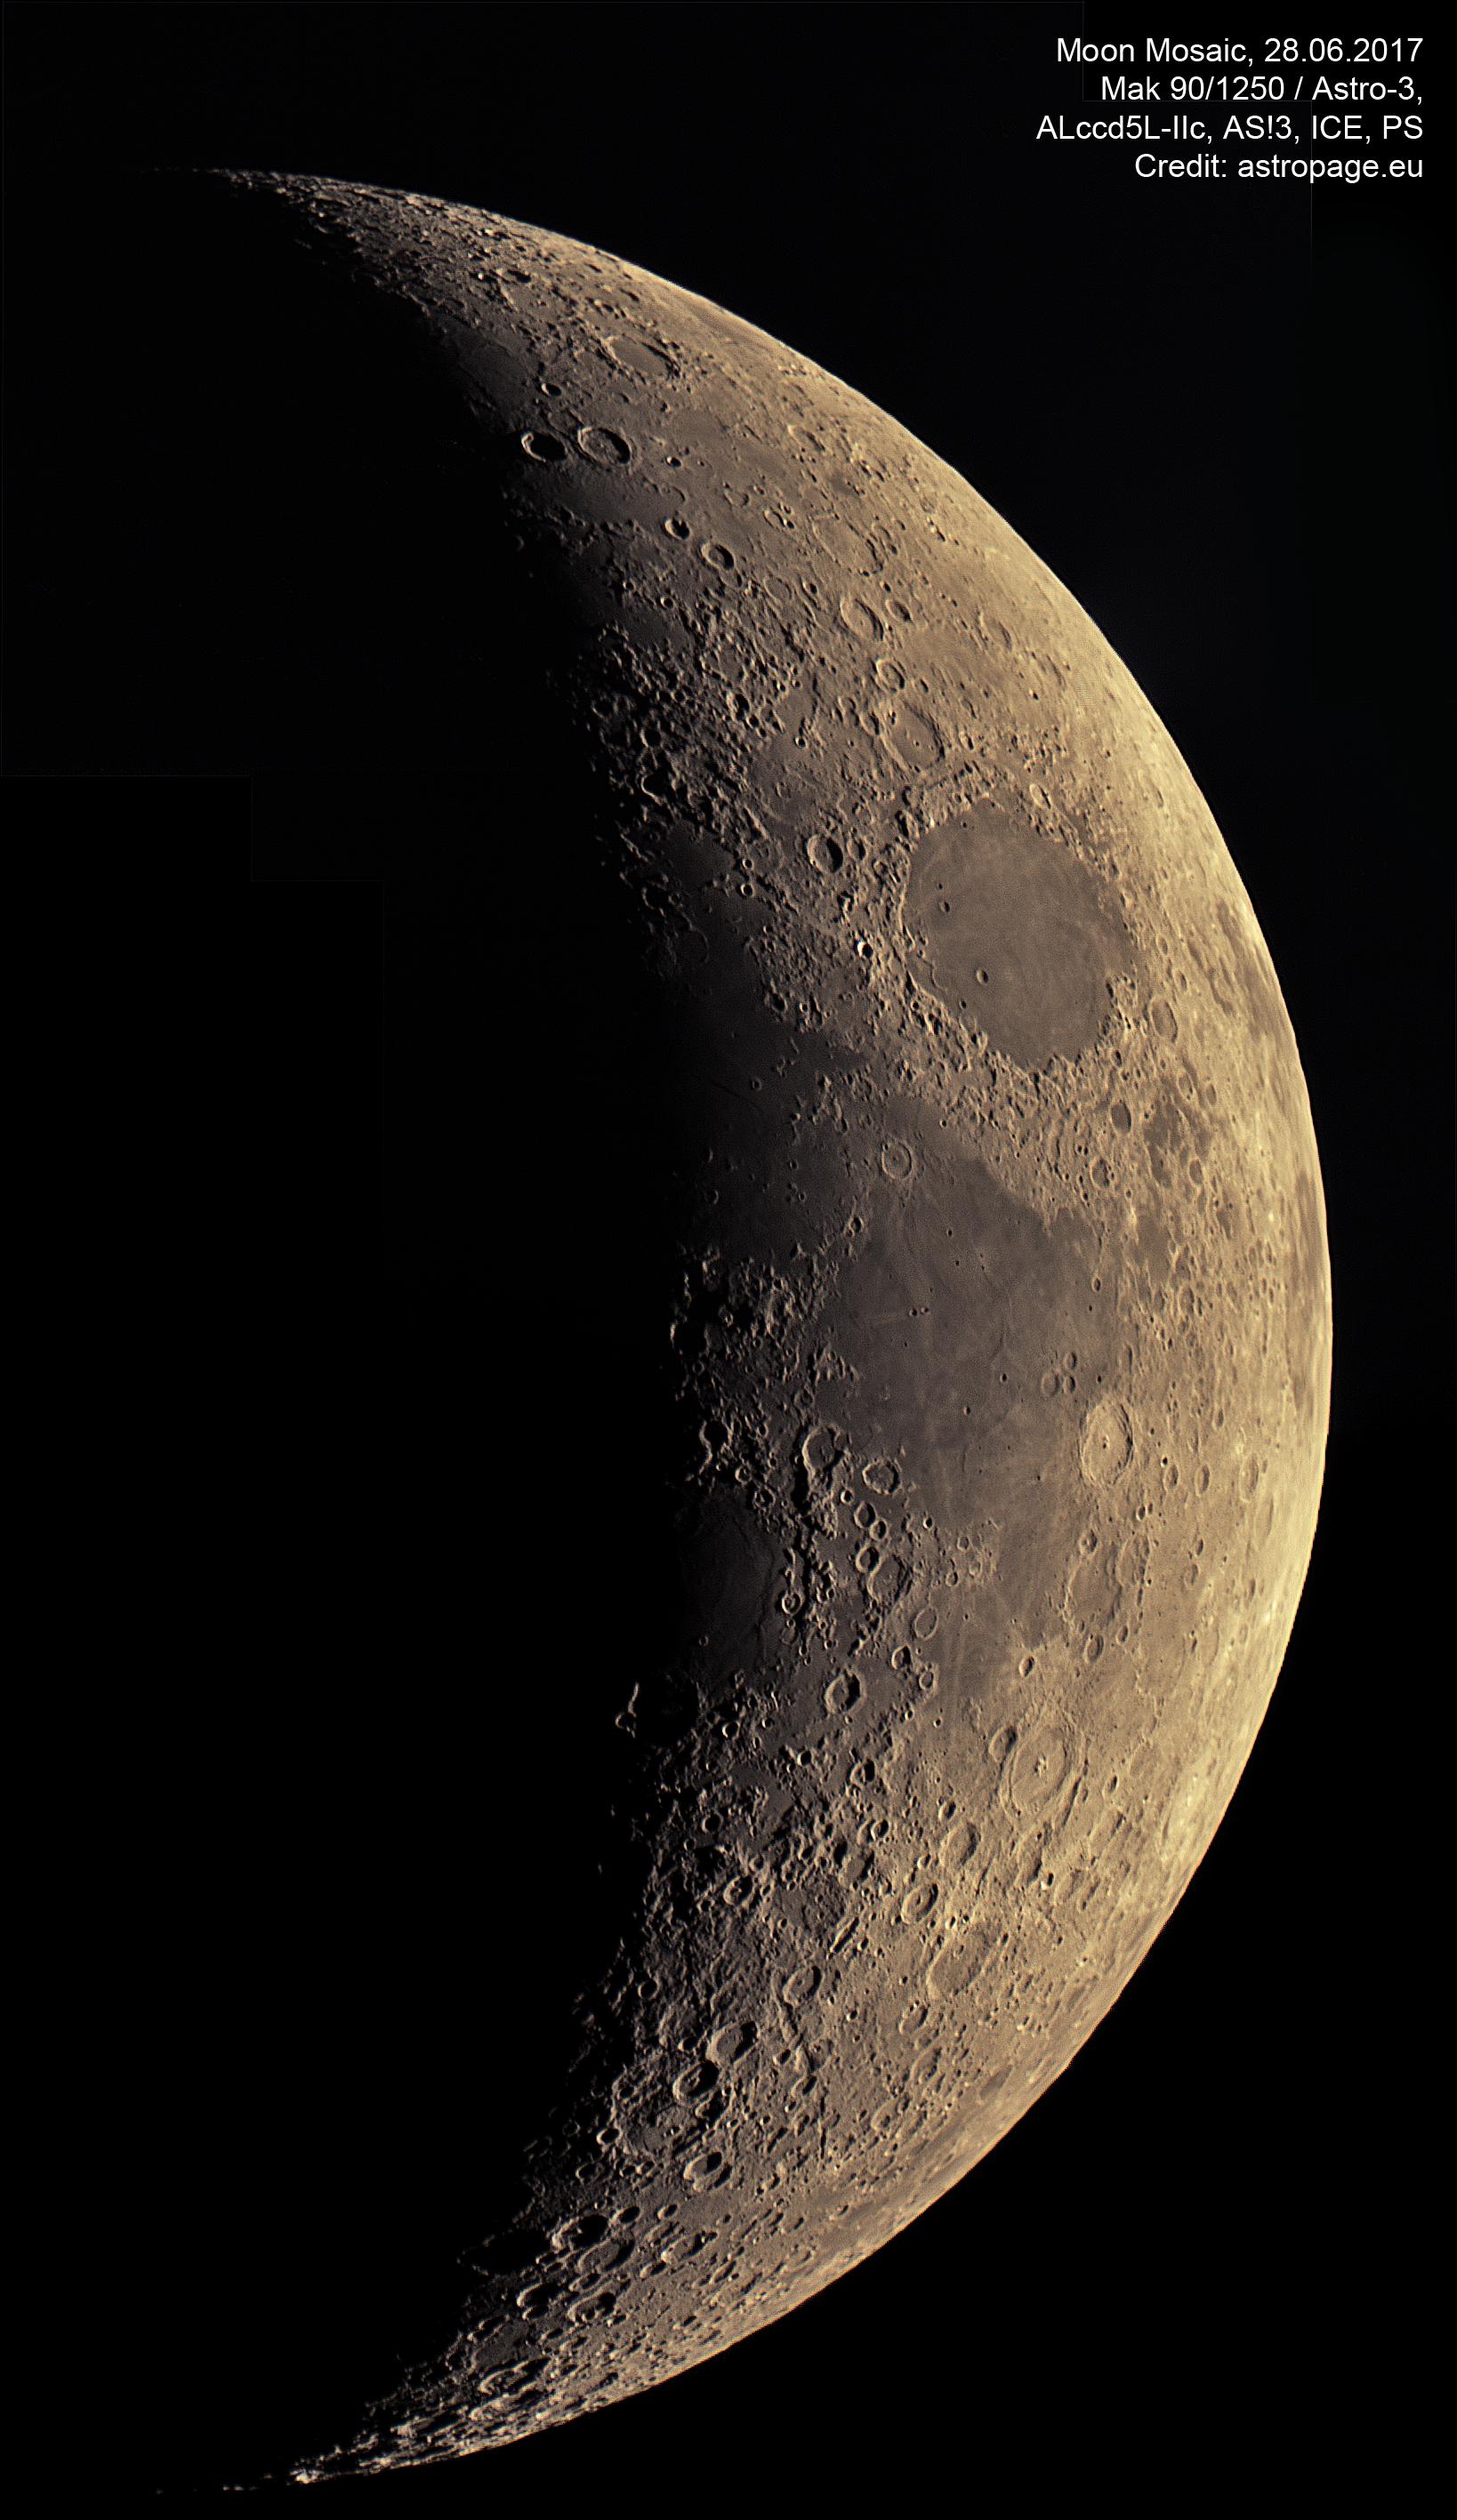 Mondmosaik vom 28. Juni 2017. (Credit: astropage.eu)